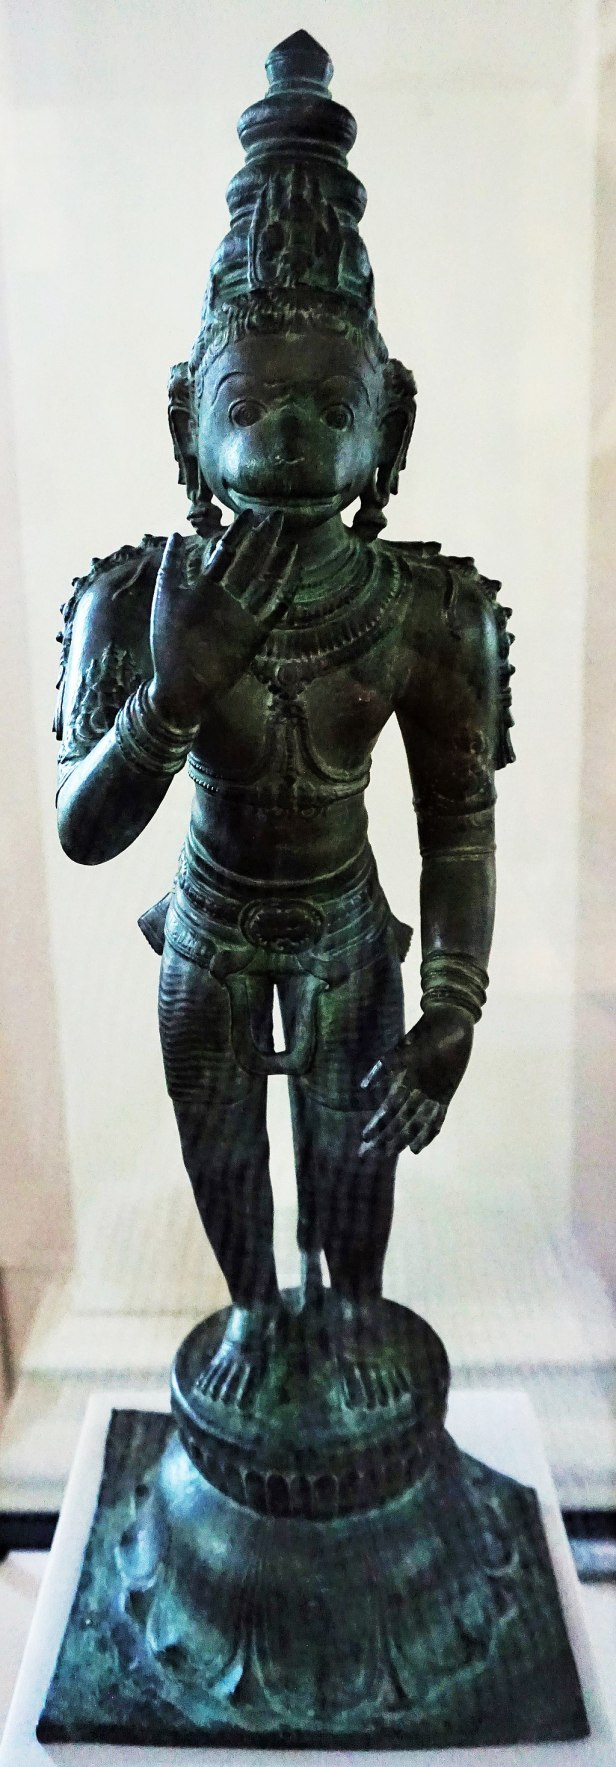 Asian Civilisations Museum - Hanuman